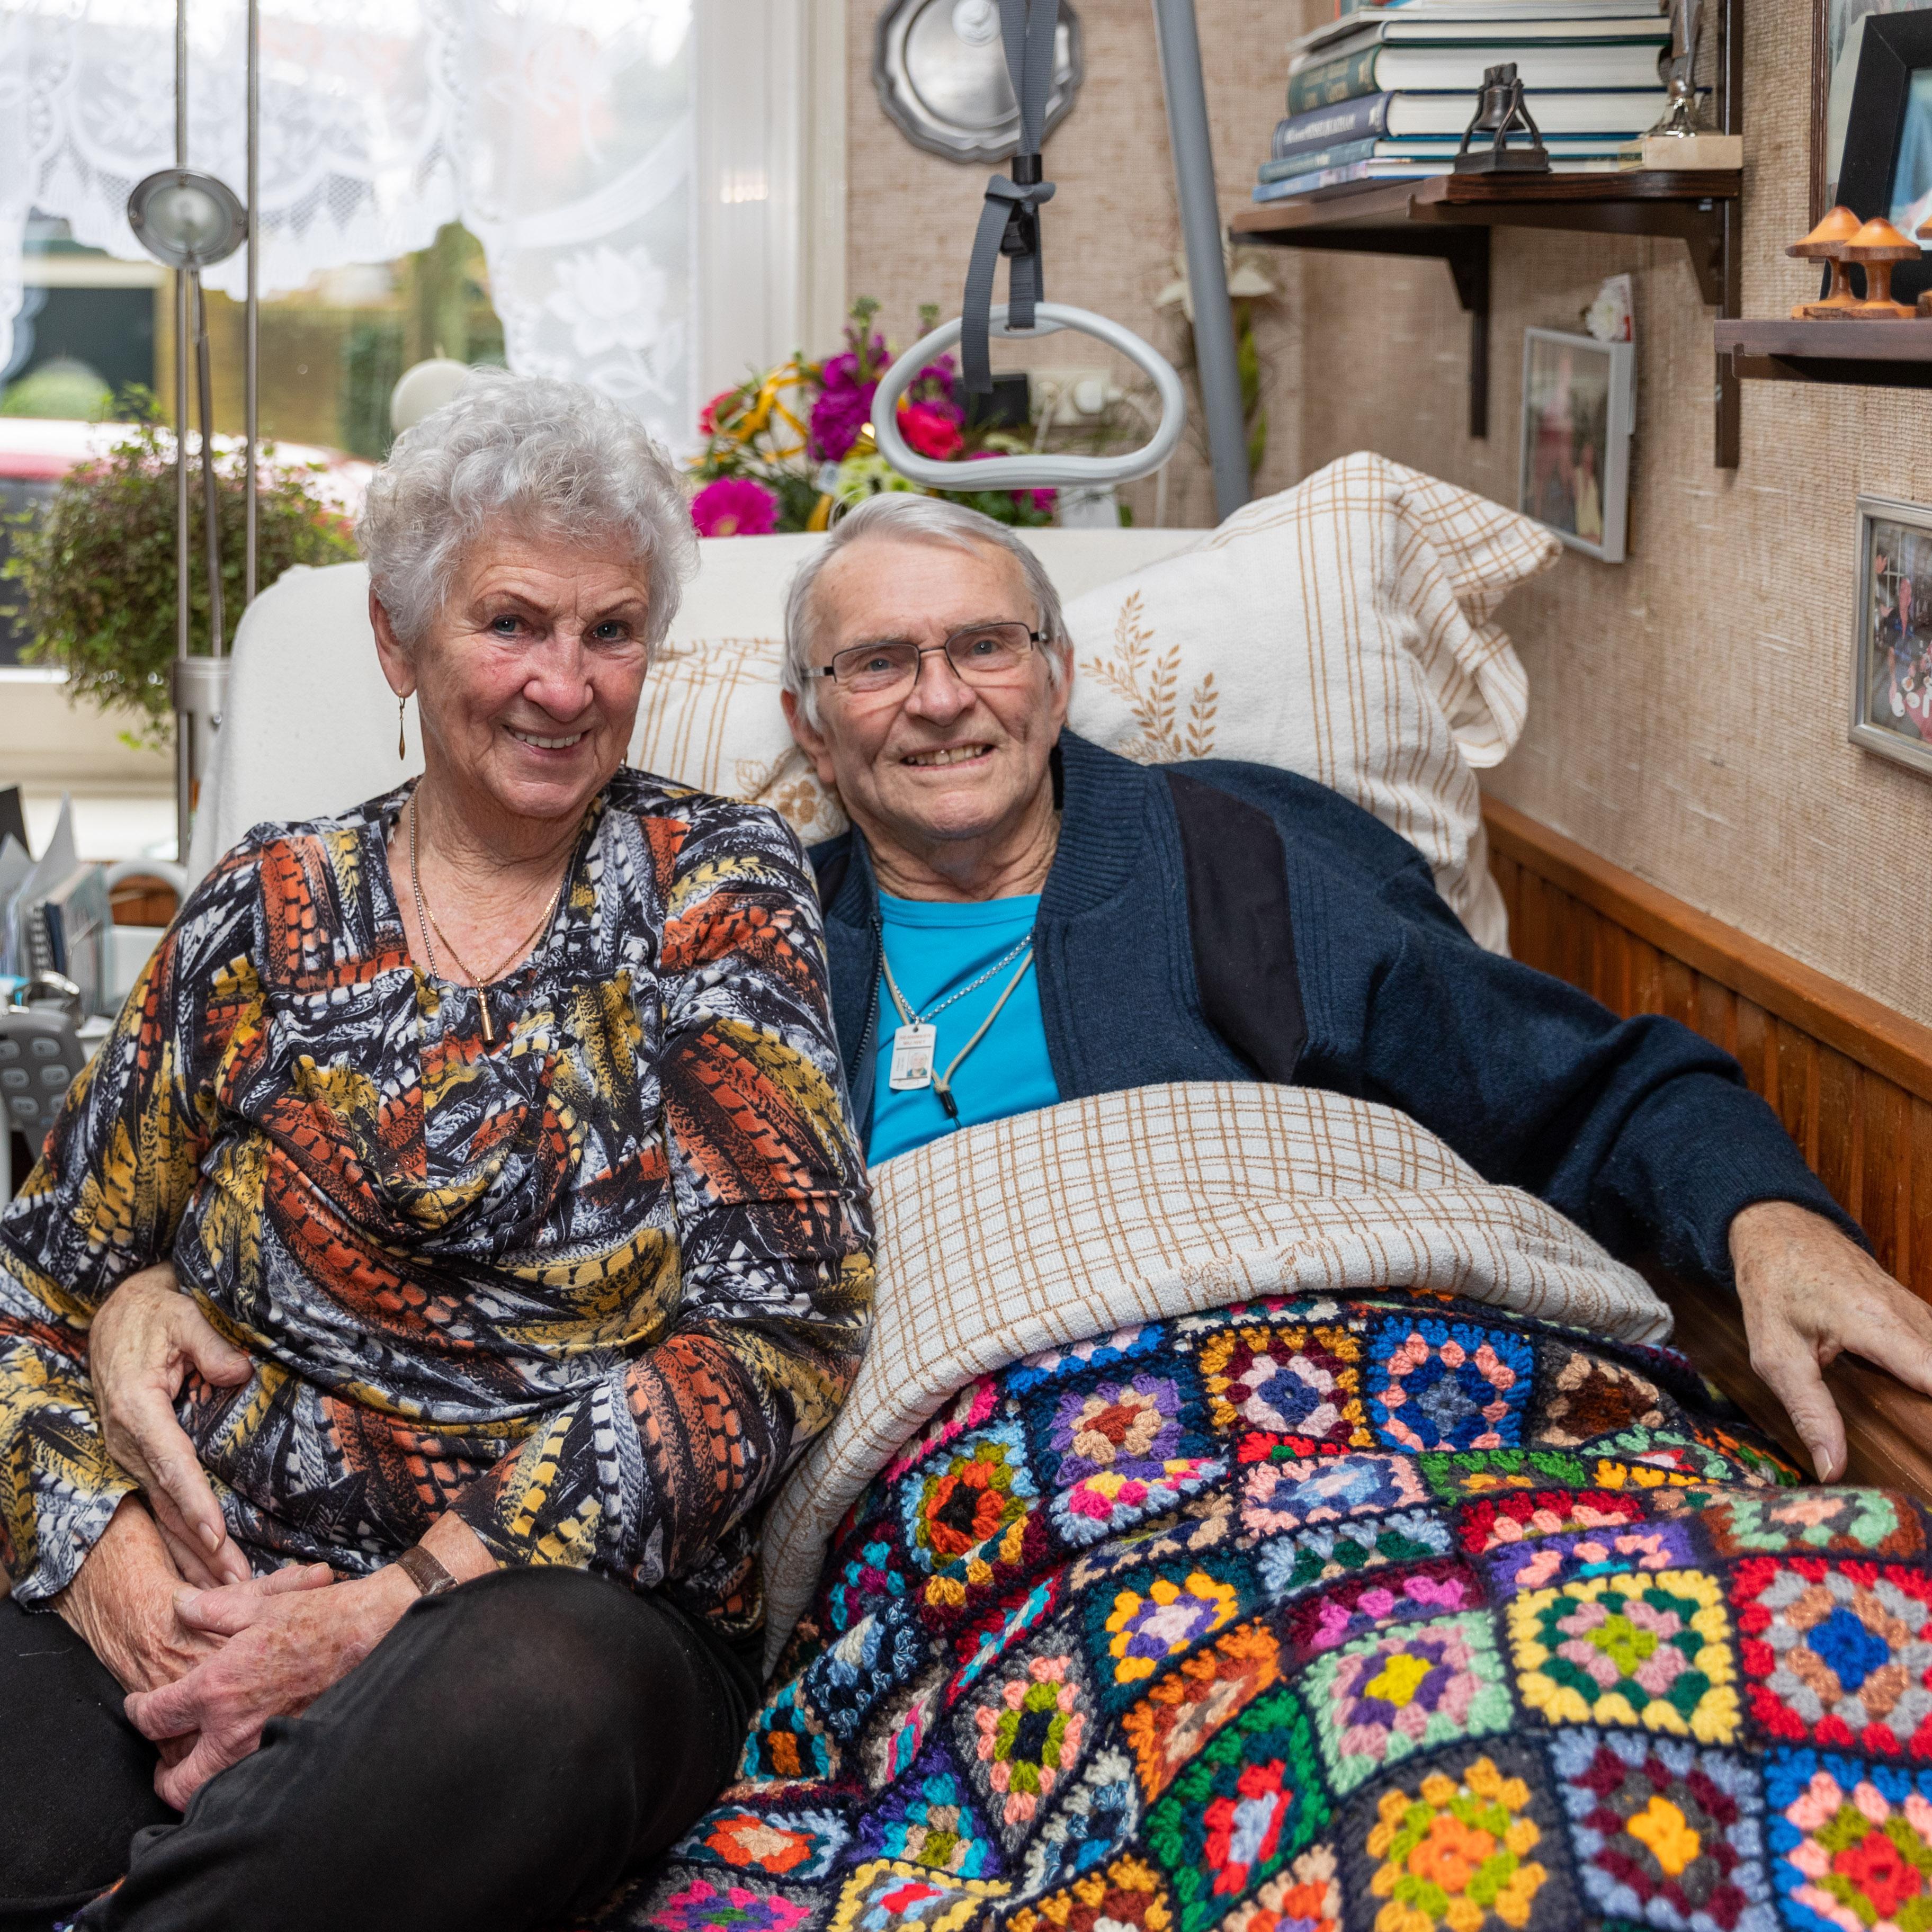 'Tortelduifjes' Mies en doodzieke Peter Brouwer-Pool uit Enkhuizen maken samen nog nét de zestig huwelijksjaren vol